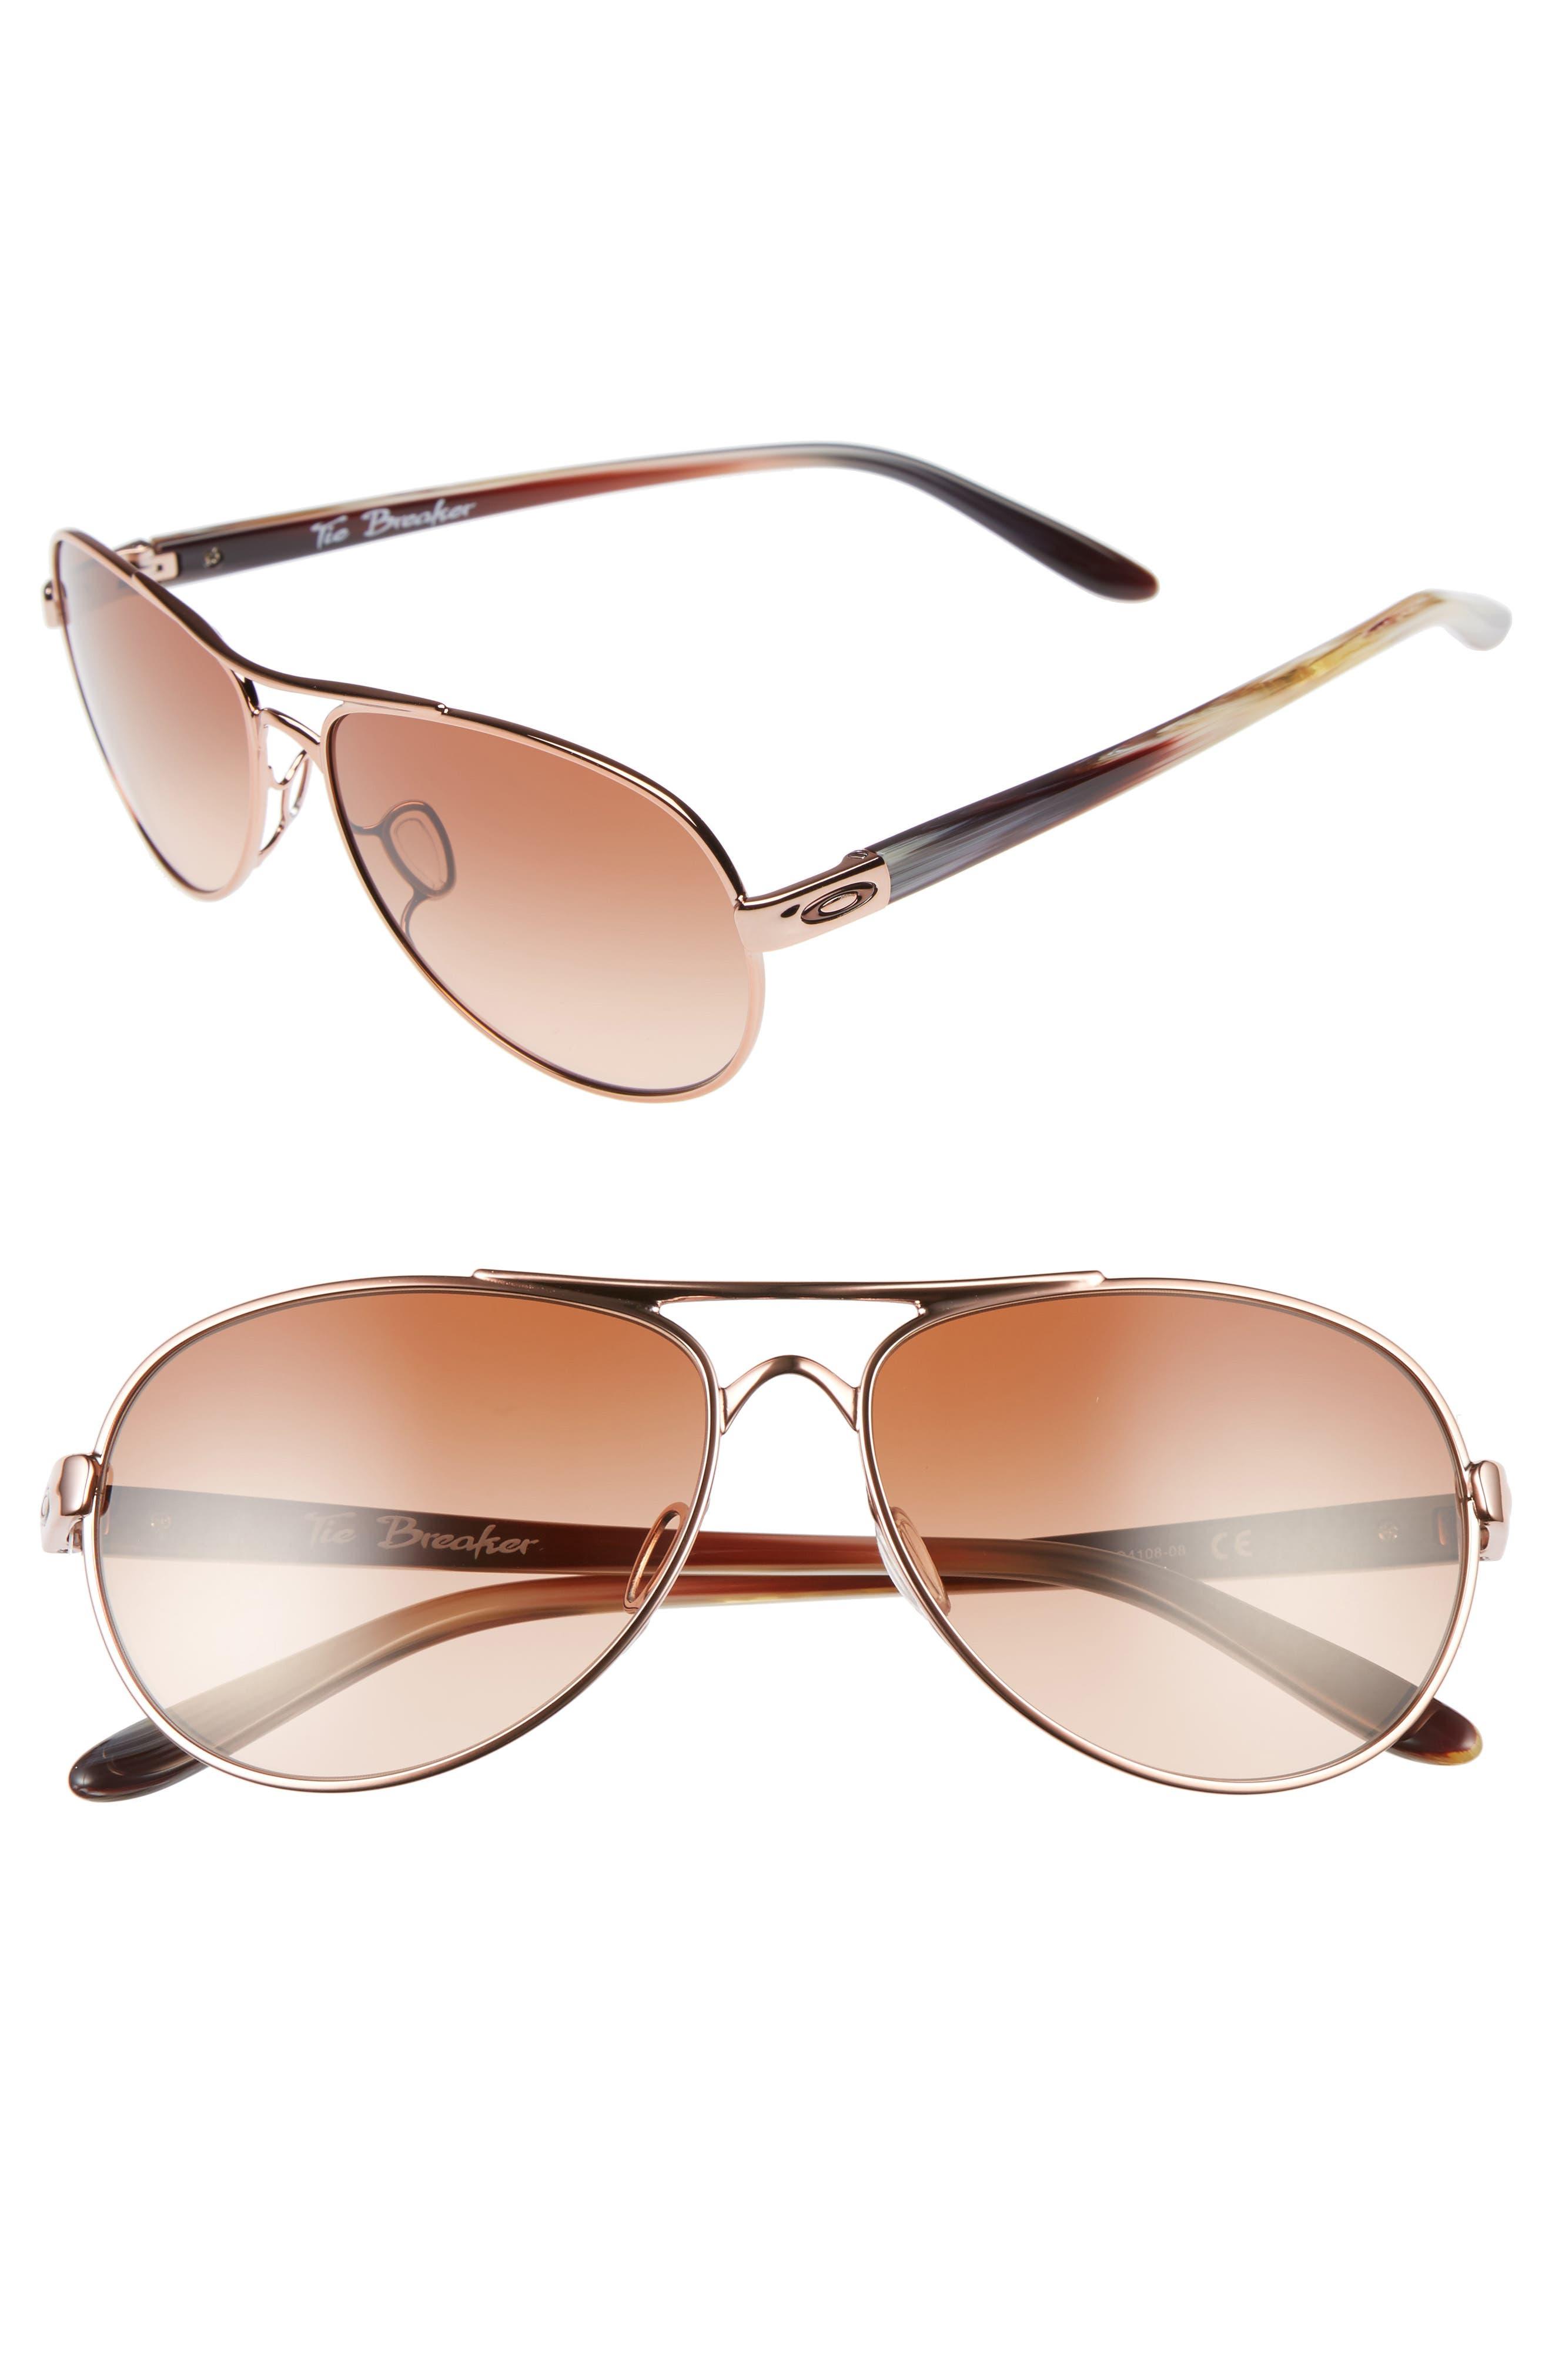 Oakley Tie Breaker 55mm Sunglasses